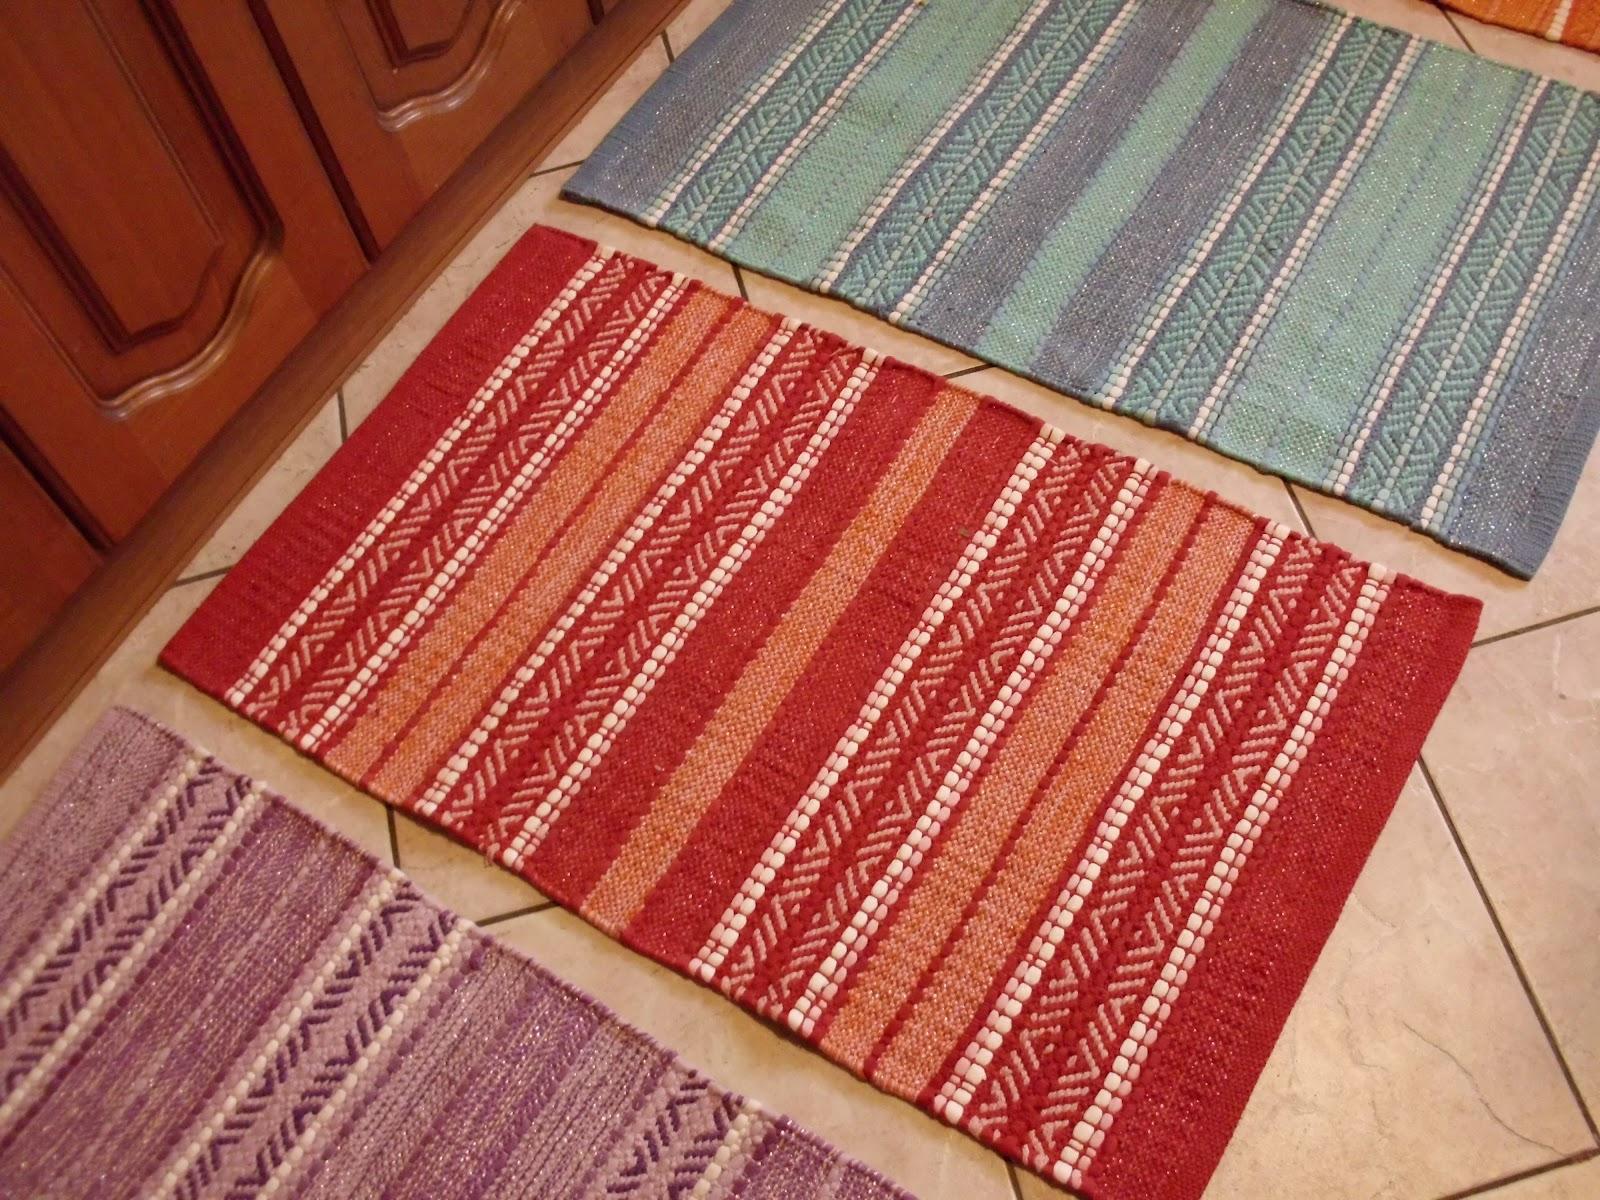 Tappeti cucina in cotone tappeti cuscini copridivani articoli tessili prodotti tessili per la - Tappeti da cucina in cotone ...